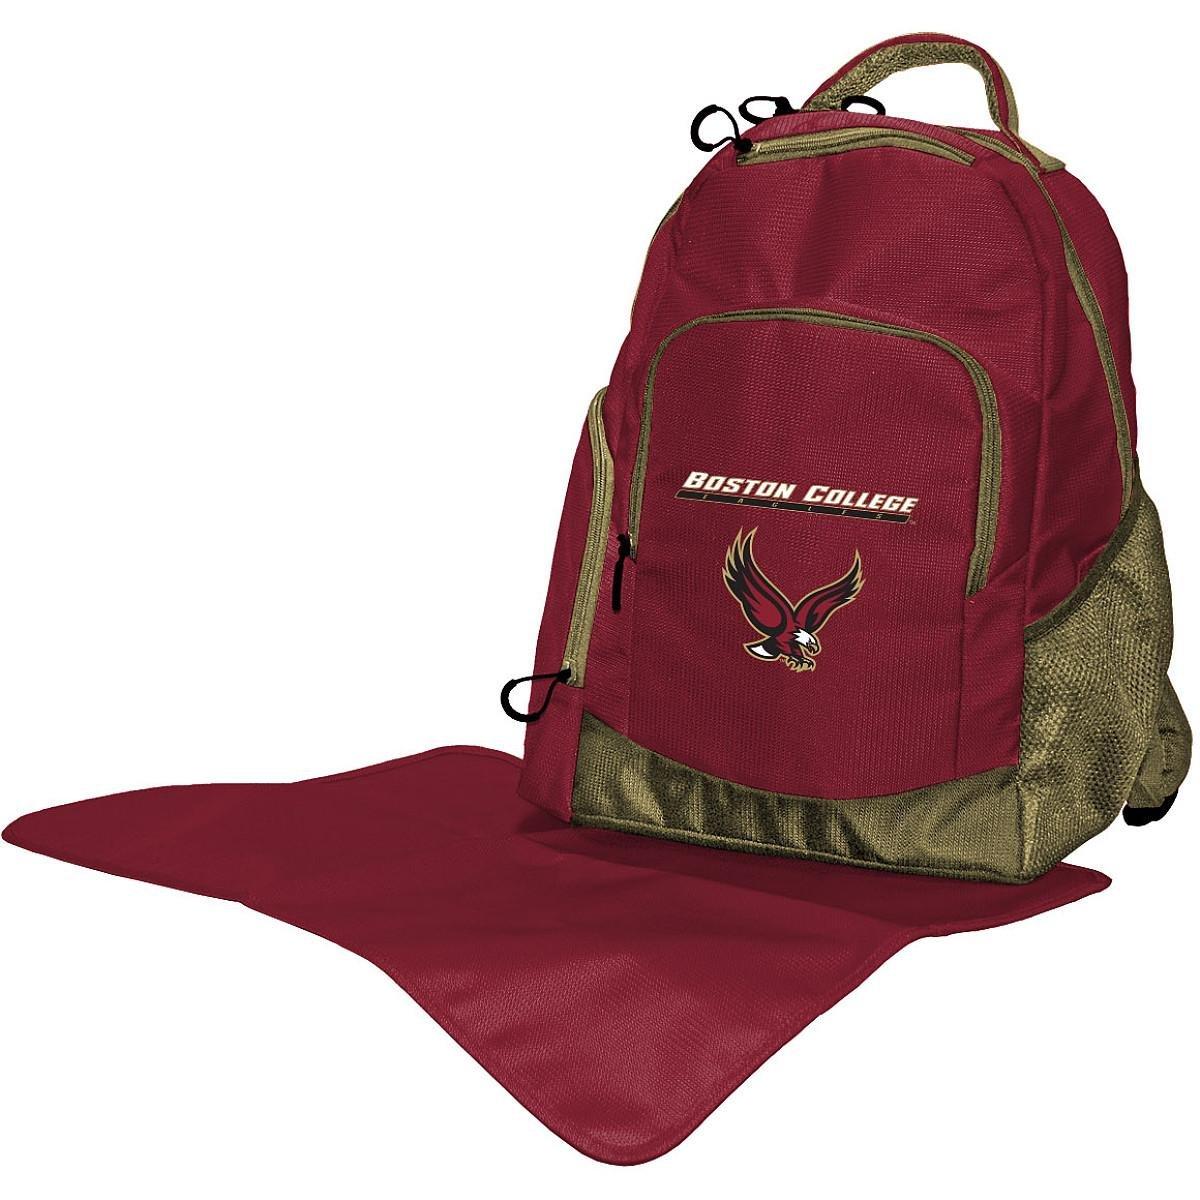 Lil Fan ACC Teams Backpack (Boston College)